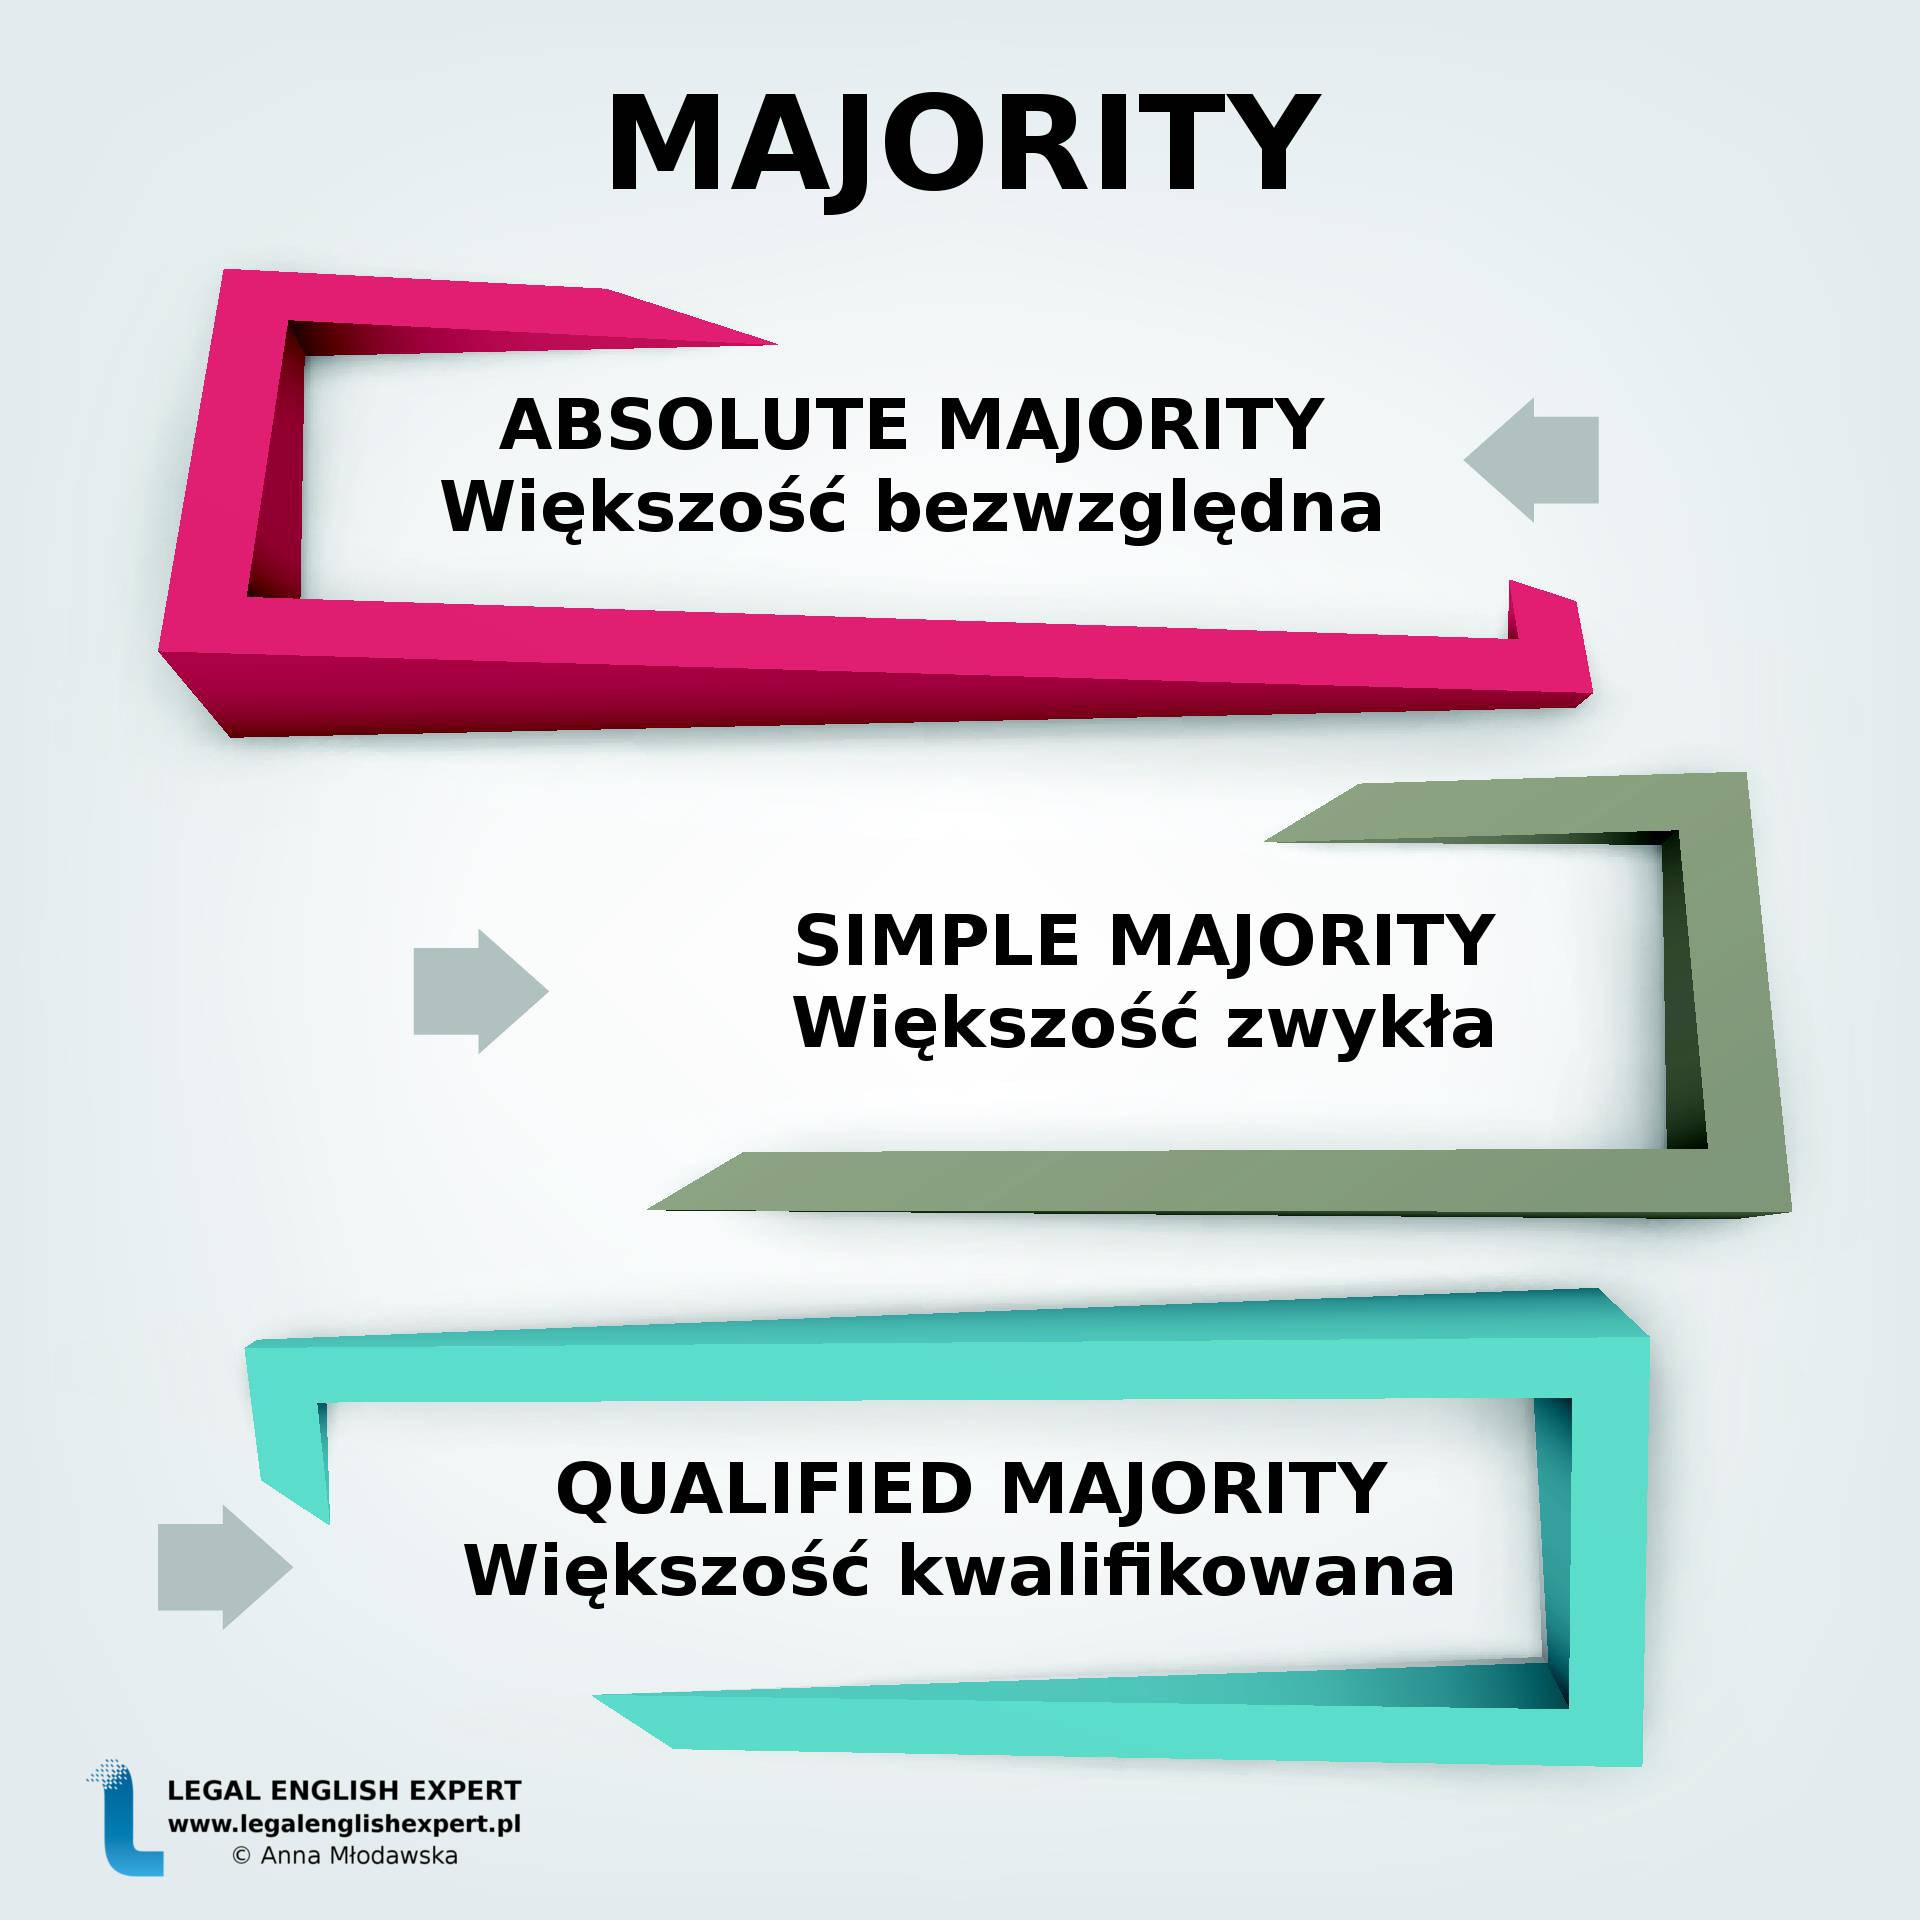 87 - majority